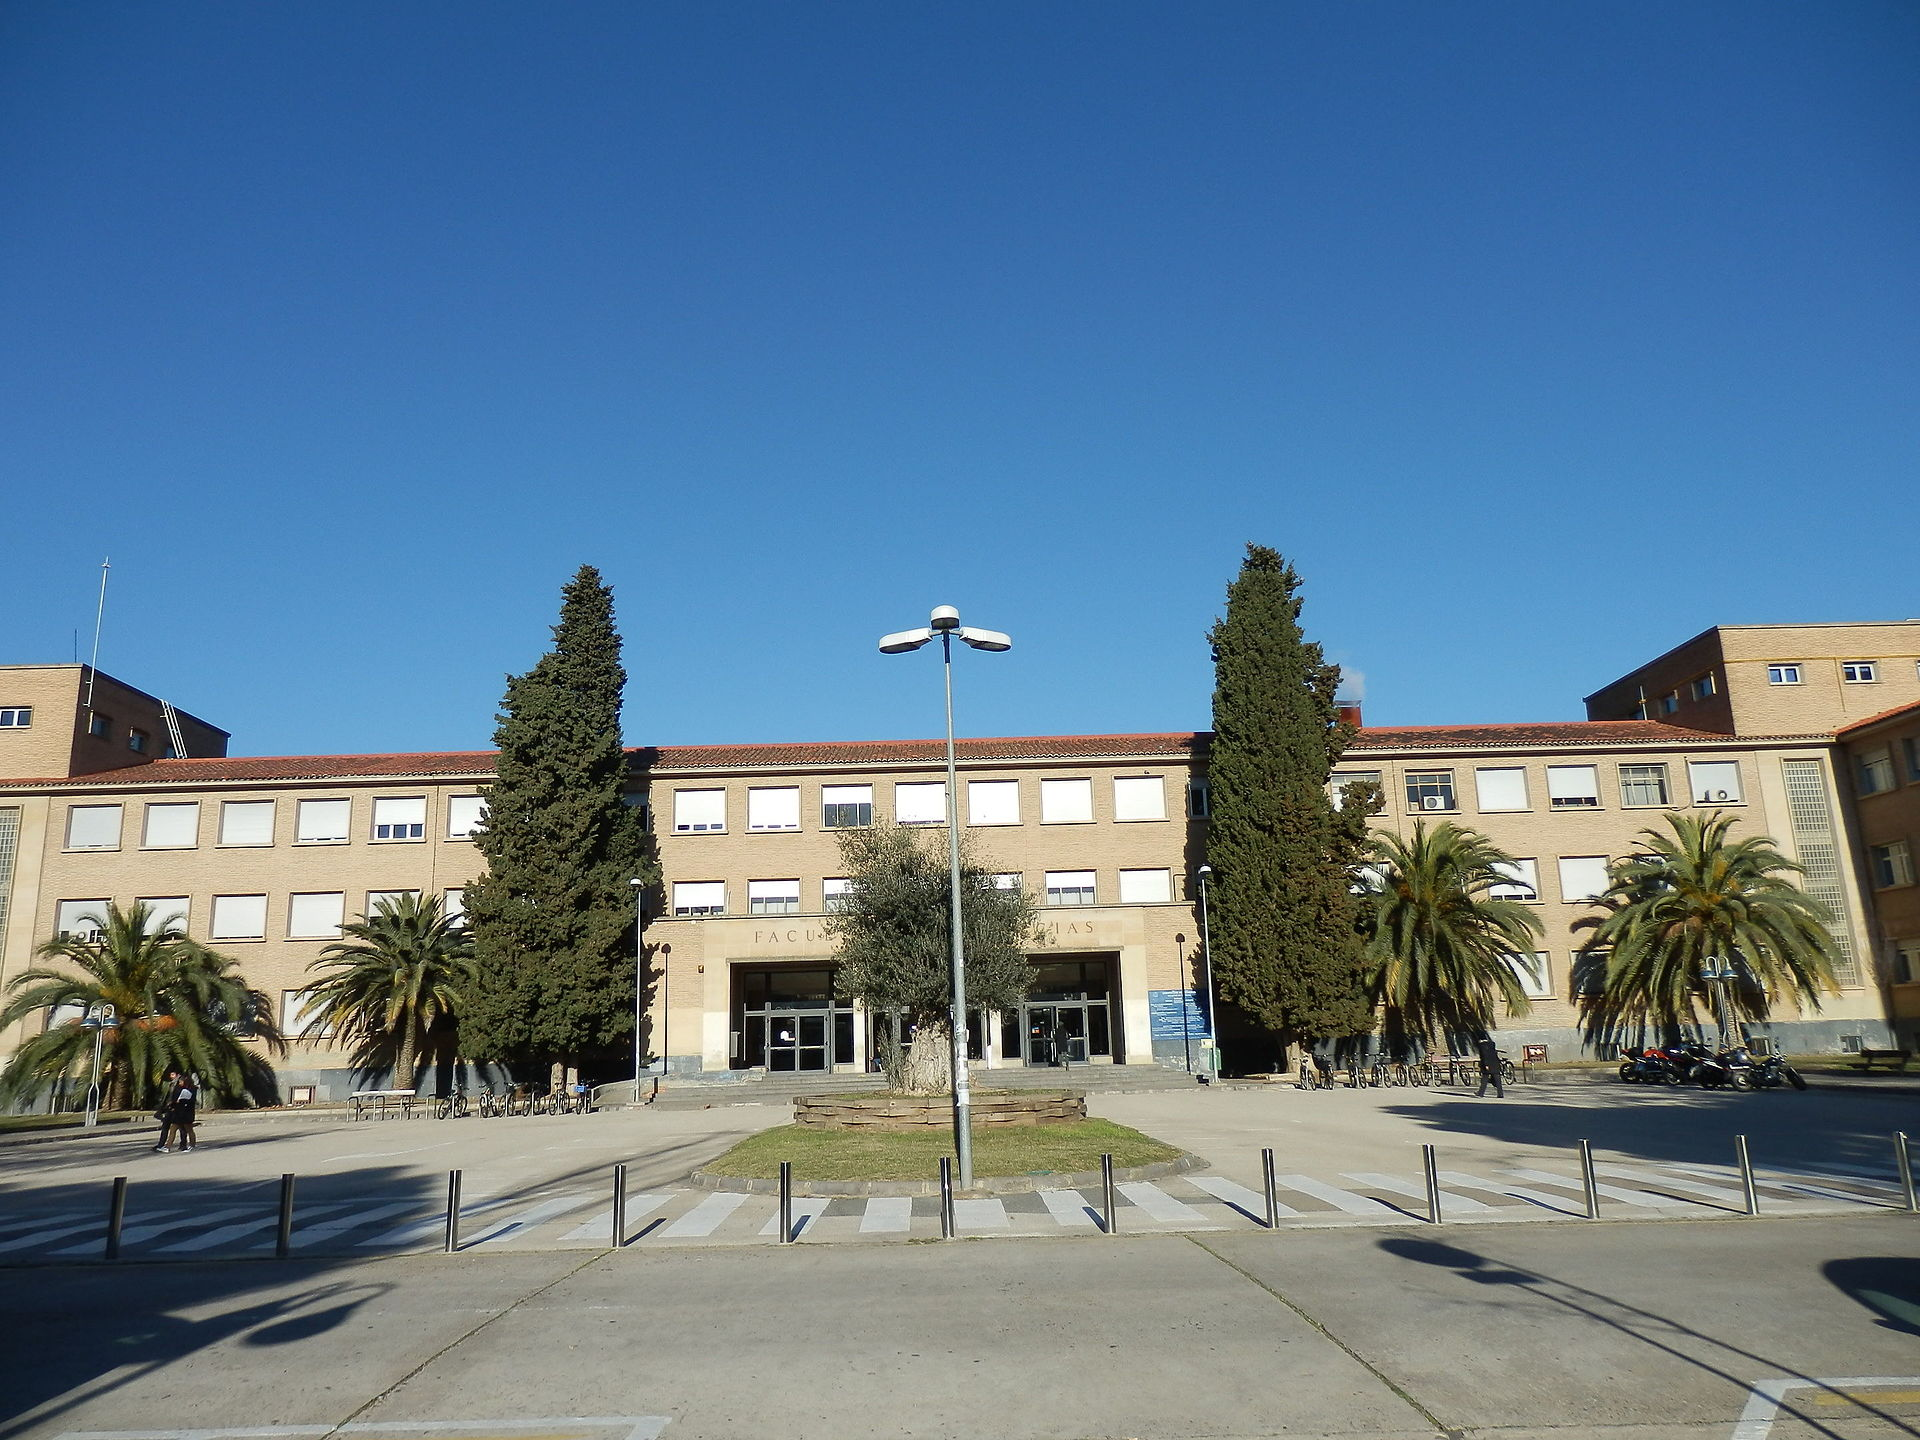 Regino borobio wikipedia la enciclopedia libre for Estudios arquitectura zaragoza